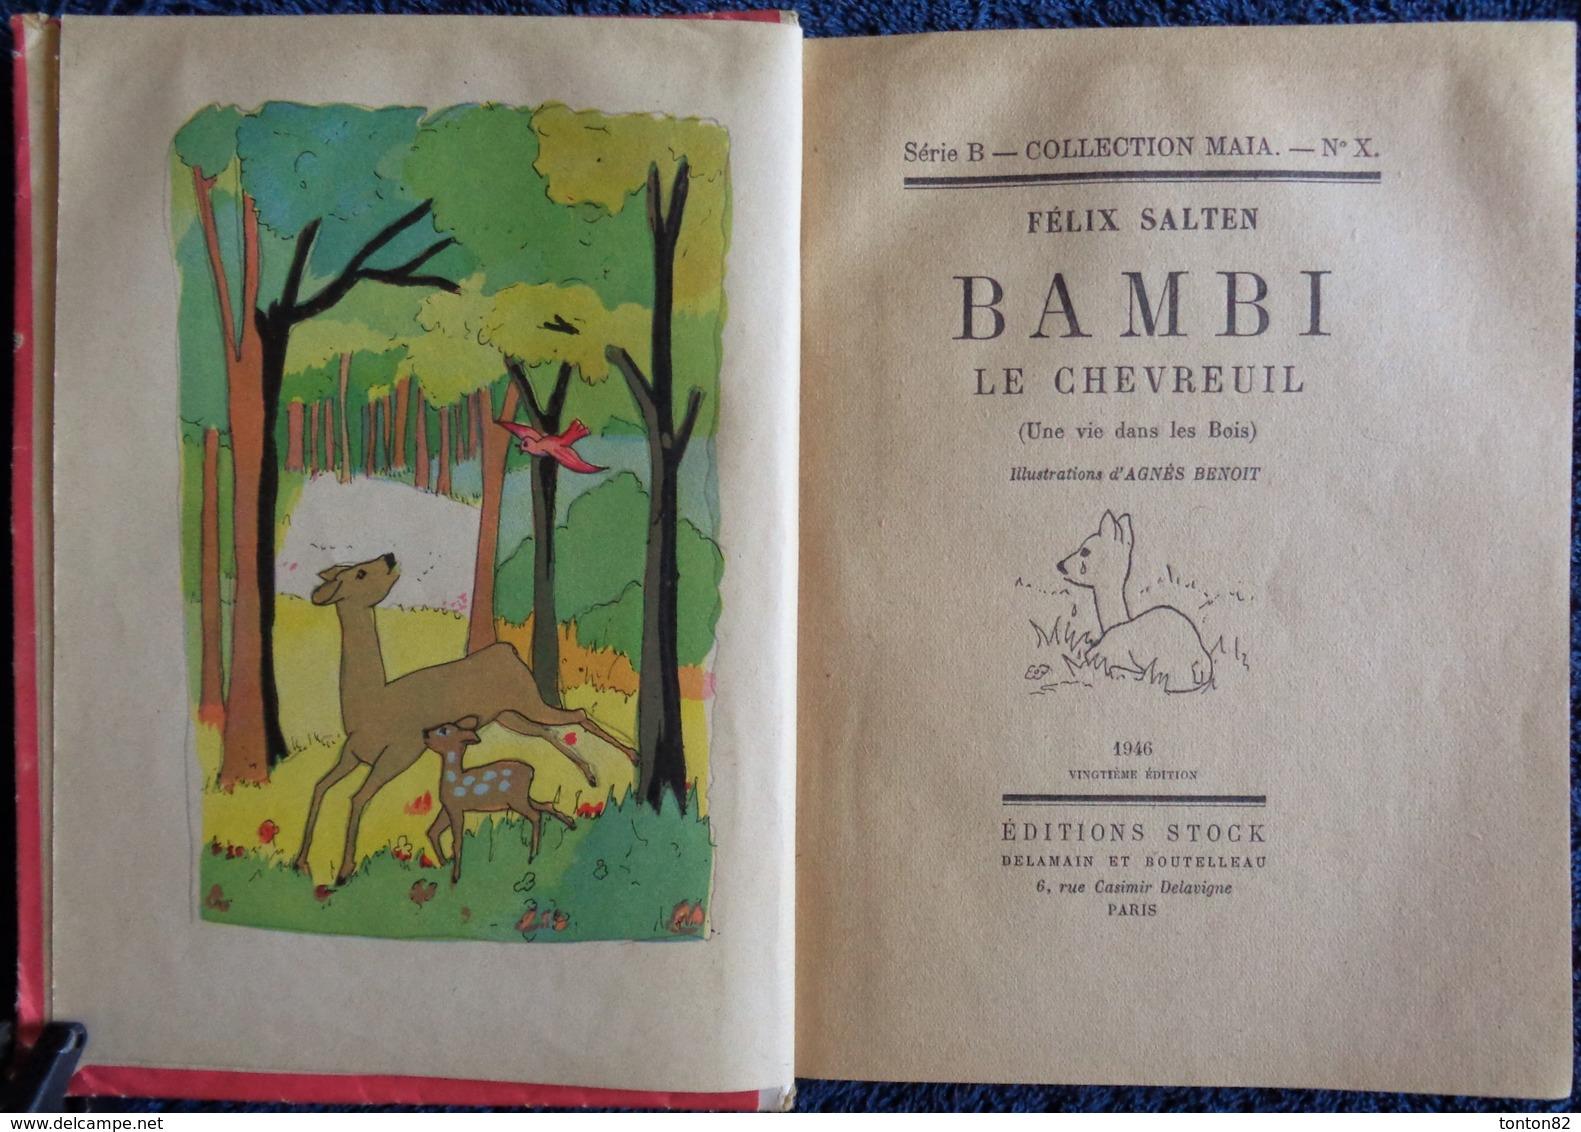 Félix Salten - BAMBI Le Chevreuil - ( Une Vie Dans Les Bois ) - Éditions STOCK / Collection MAÏA - ( 1946 ) . - Livres, BD, Revues